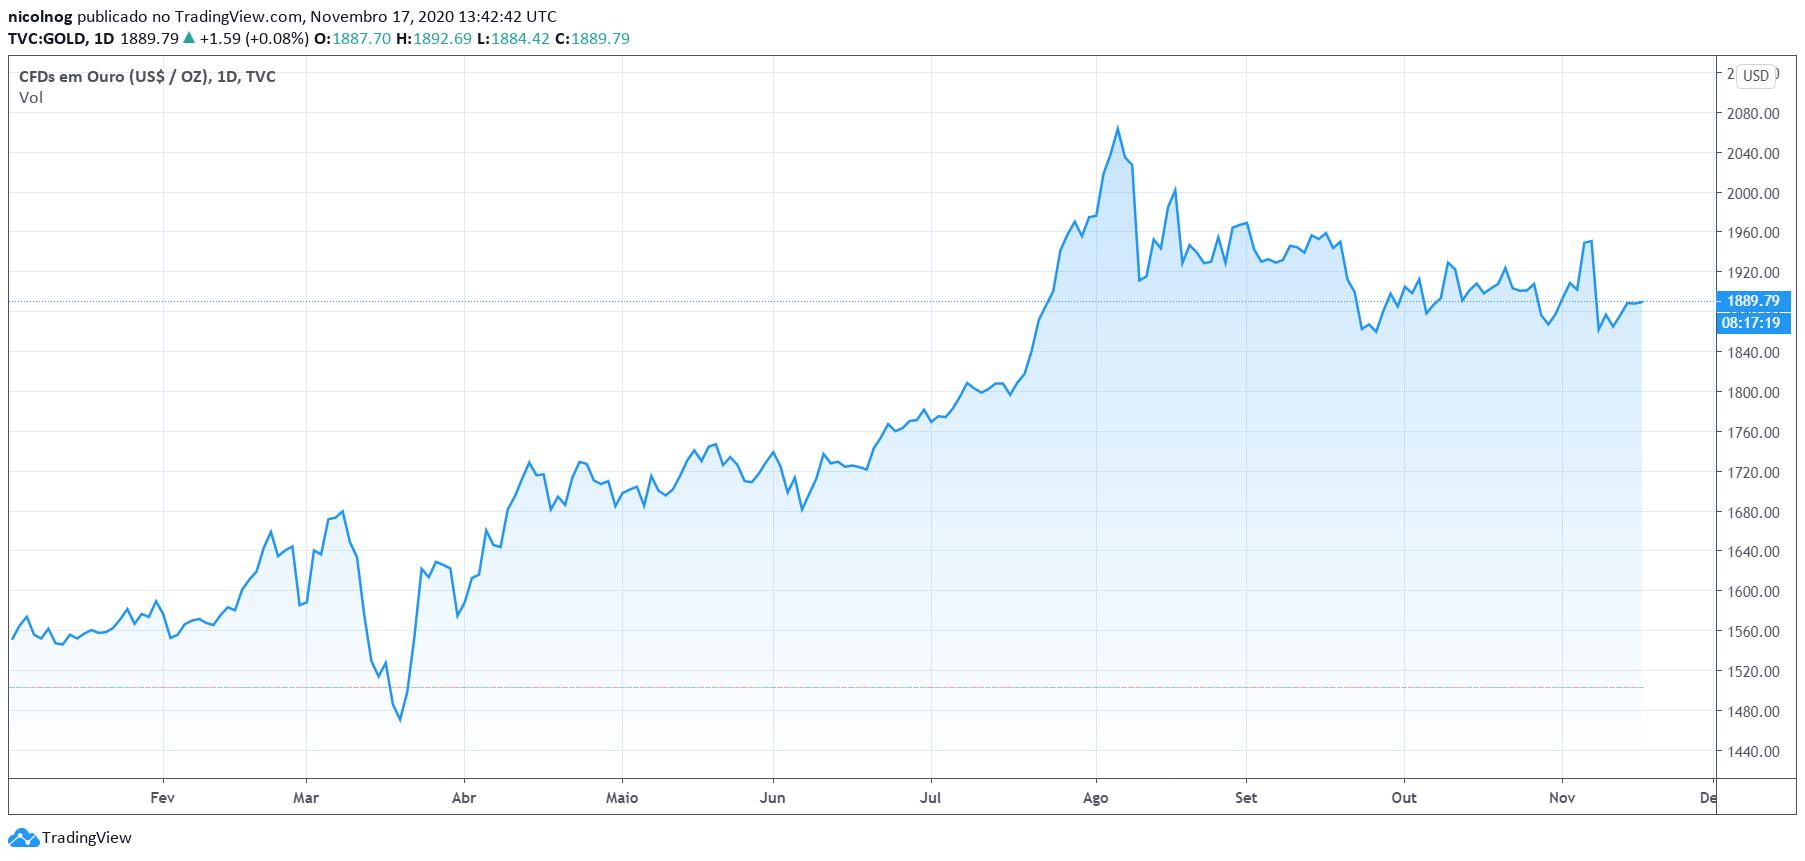 Preço do ouro em 2020